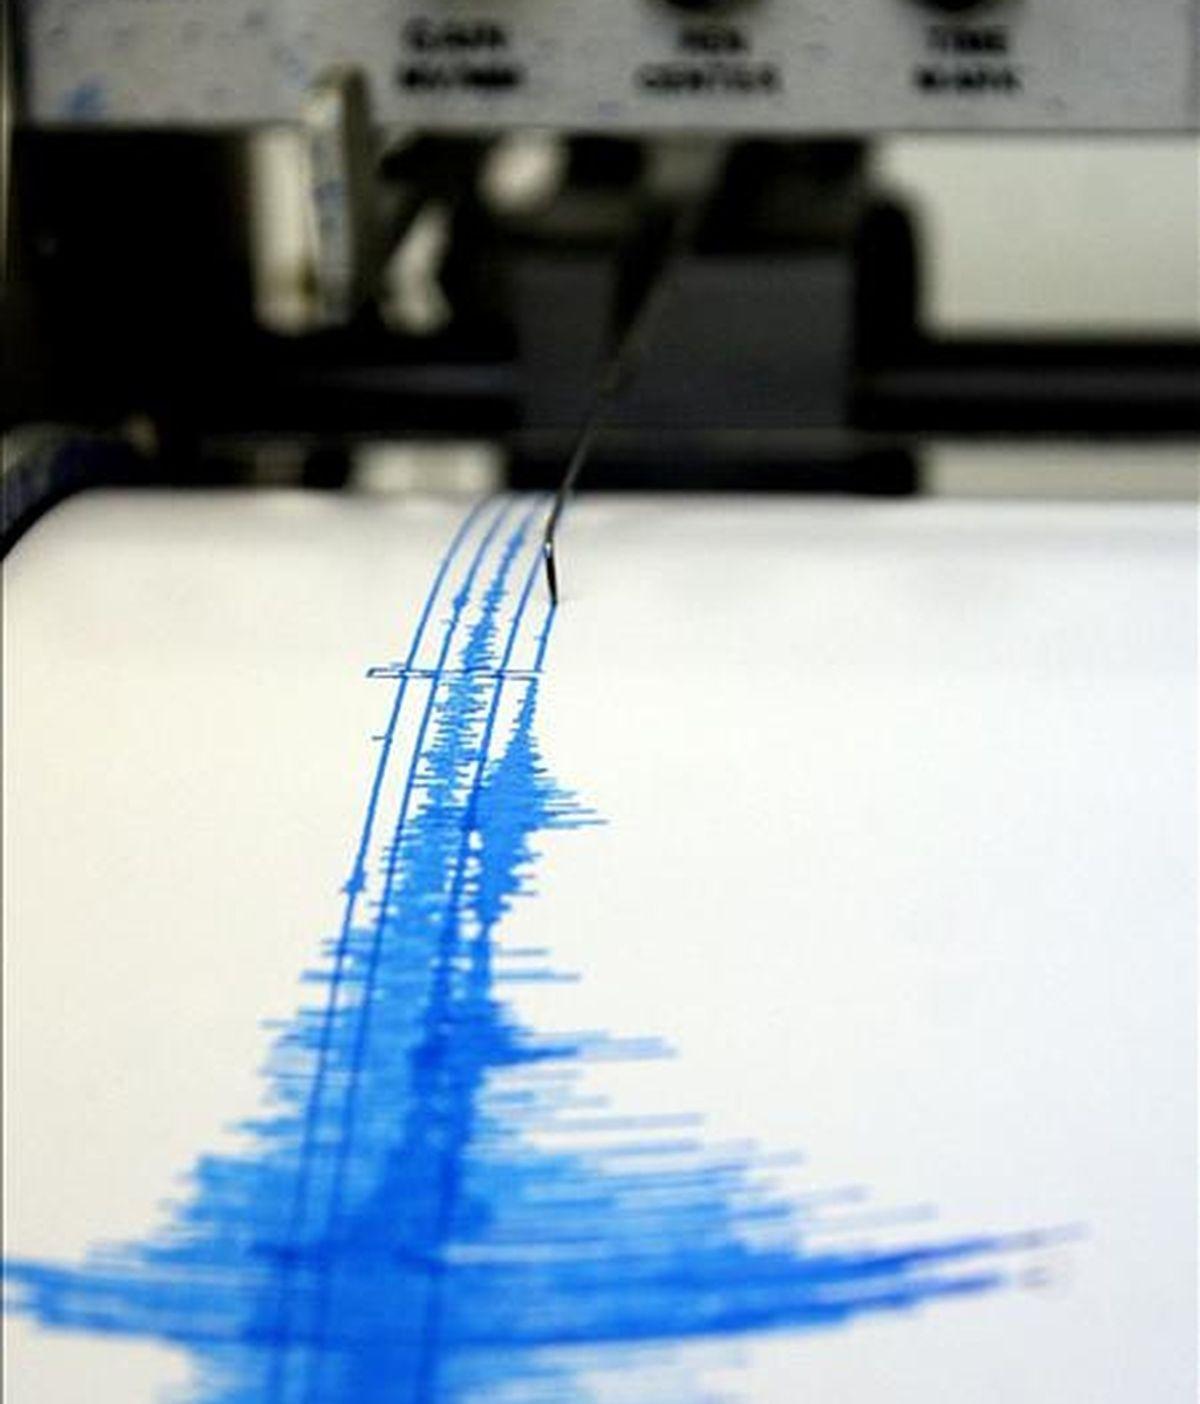 Fotografía de archivo de este 11 de febrero de 2008 de la lectura de un sismógrafo en la ciudad mexicana de Ensenada. EFE/Archivo